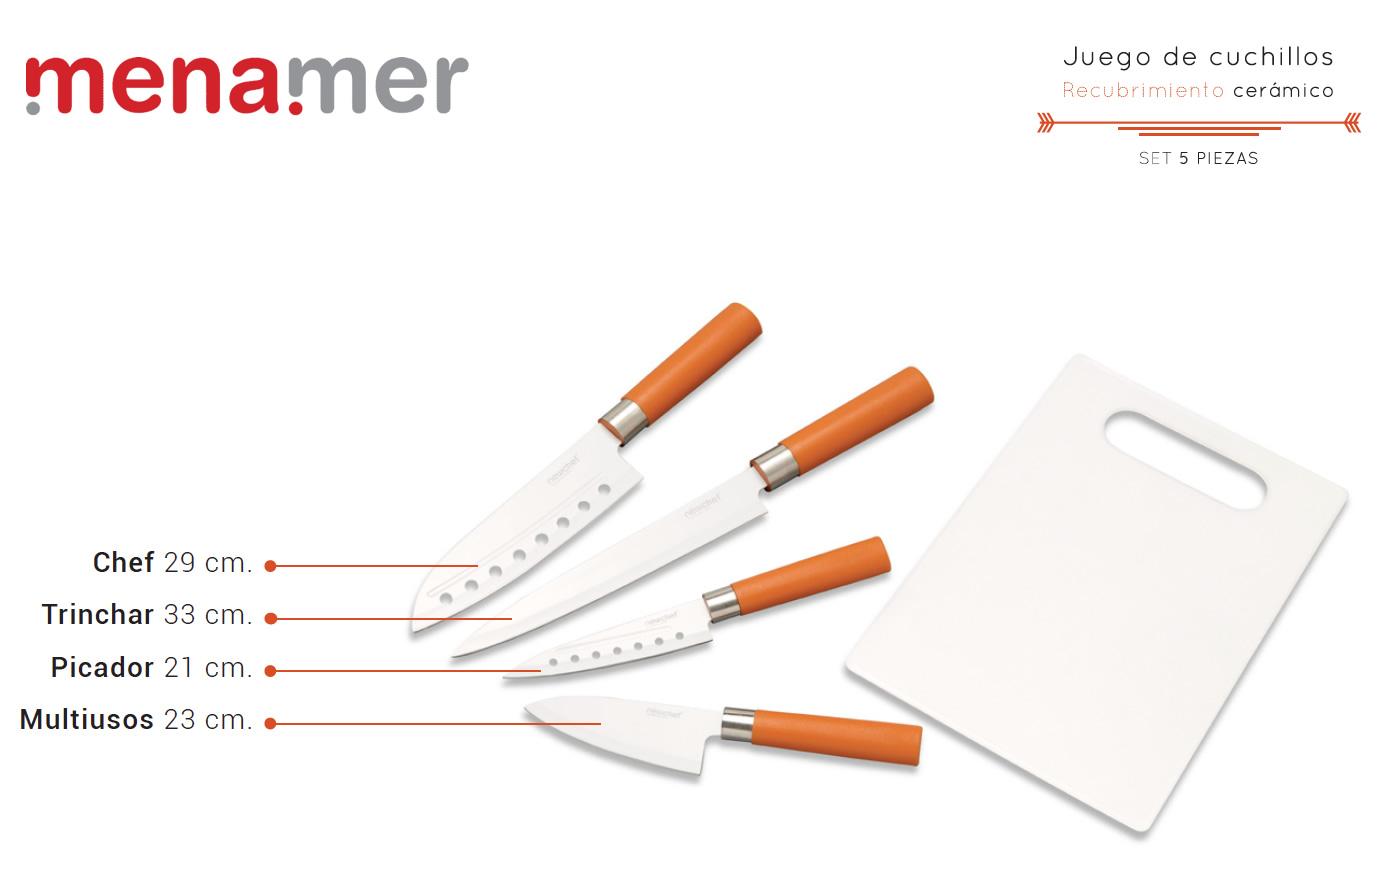 cuchillos05-01